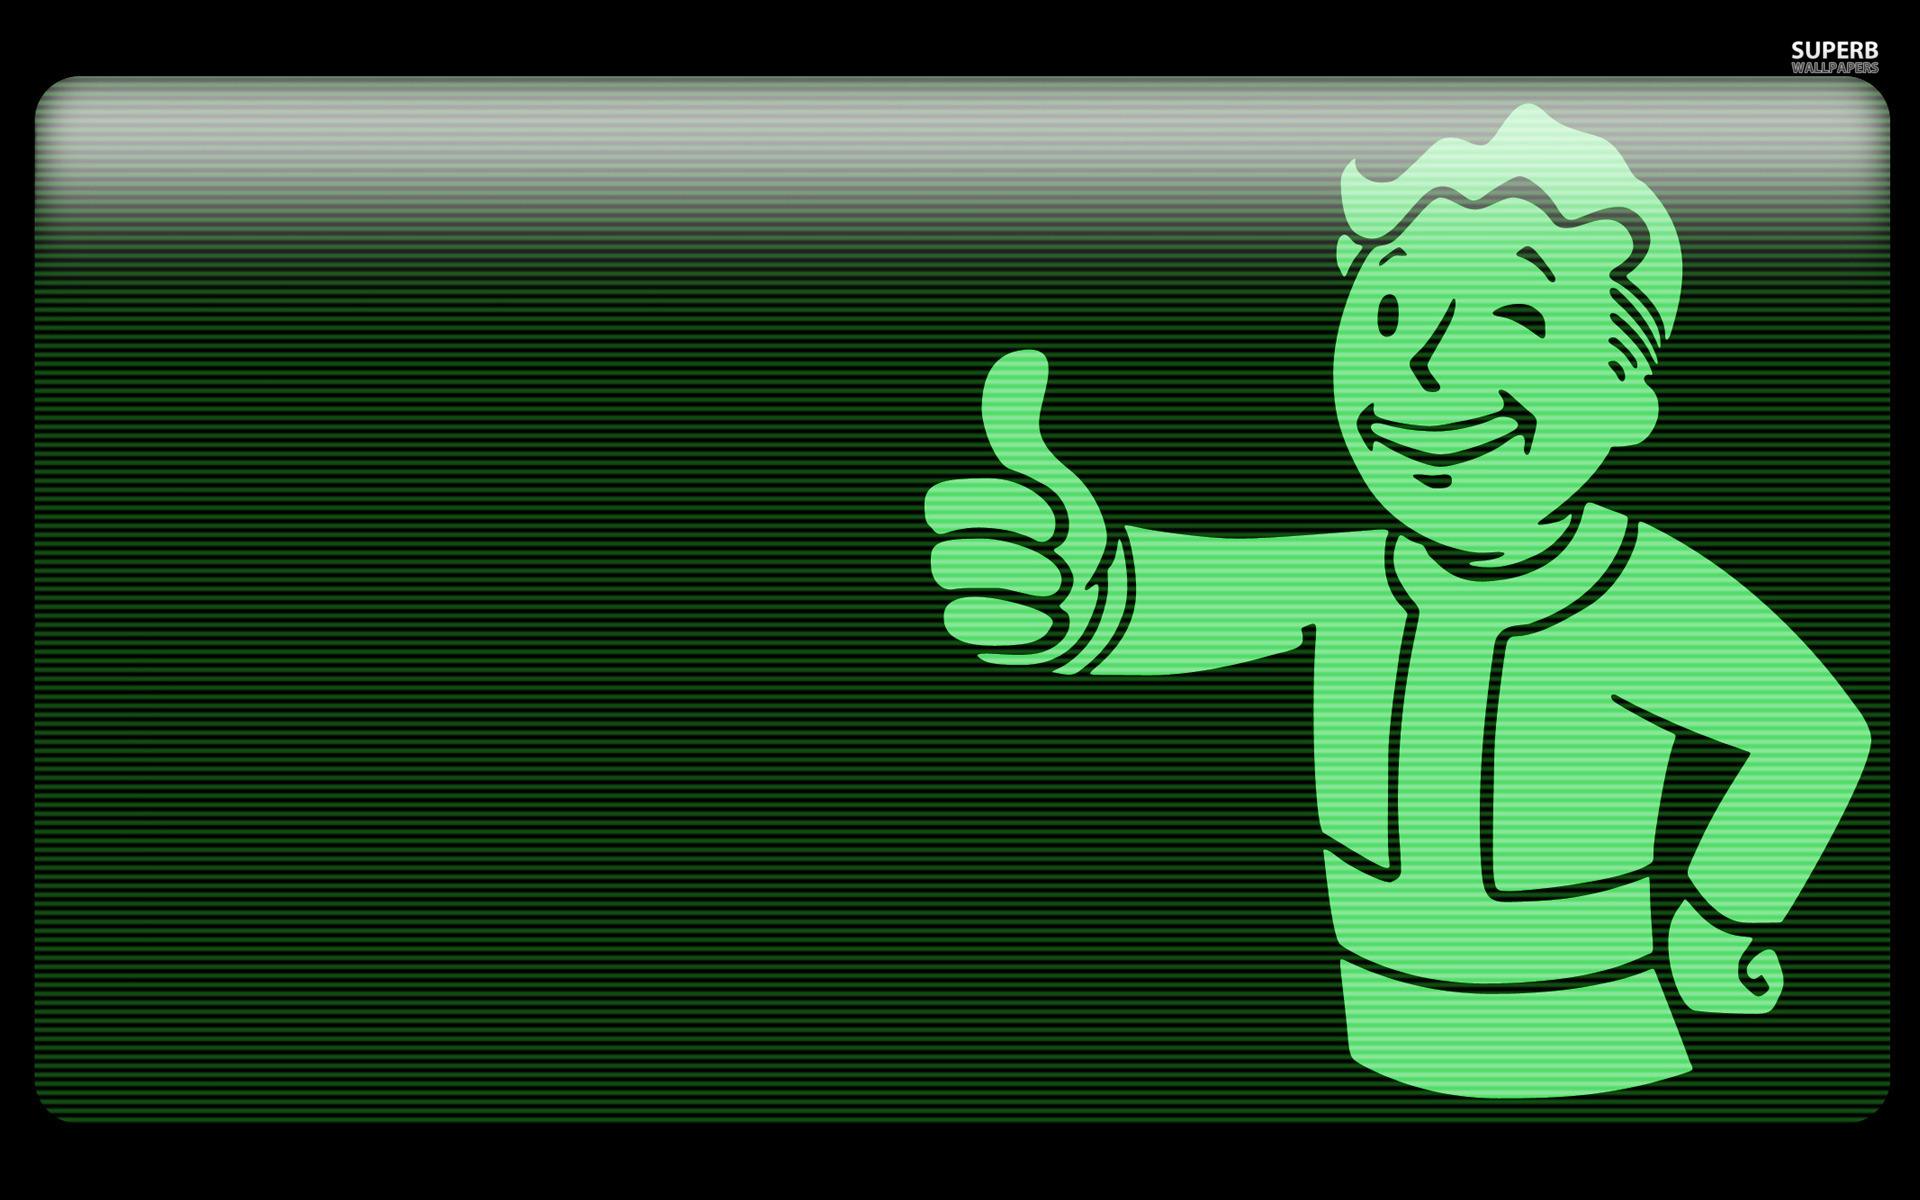 vault boy fallout hd Wallpaper   HD Background 1920x1200